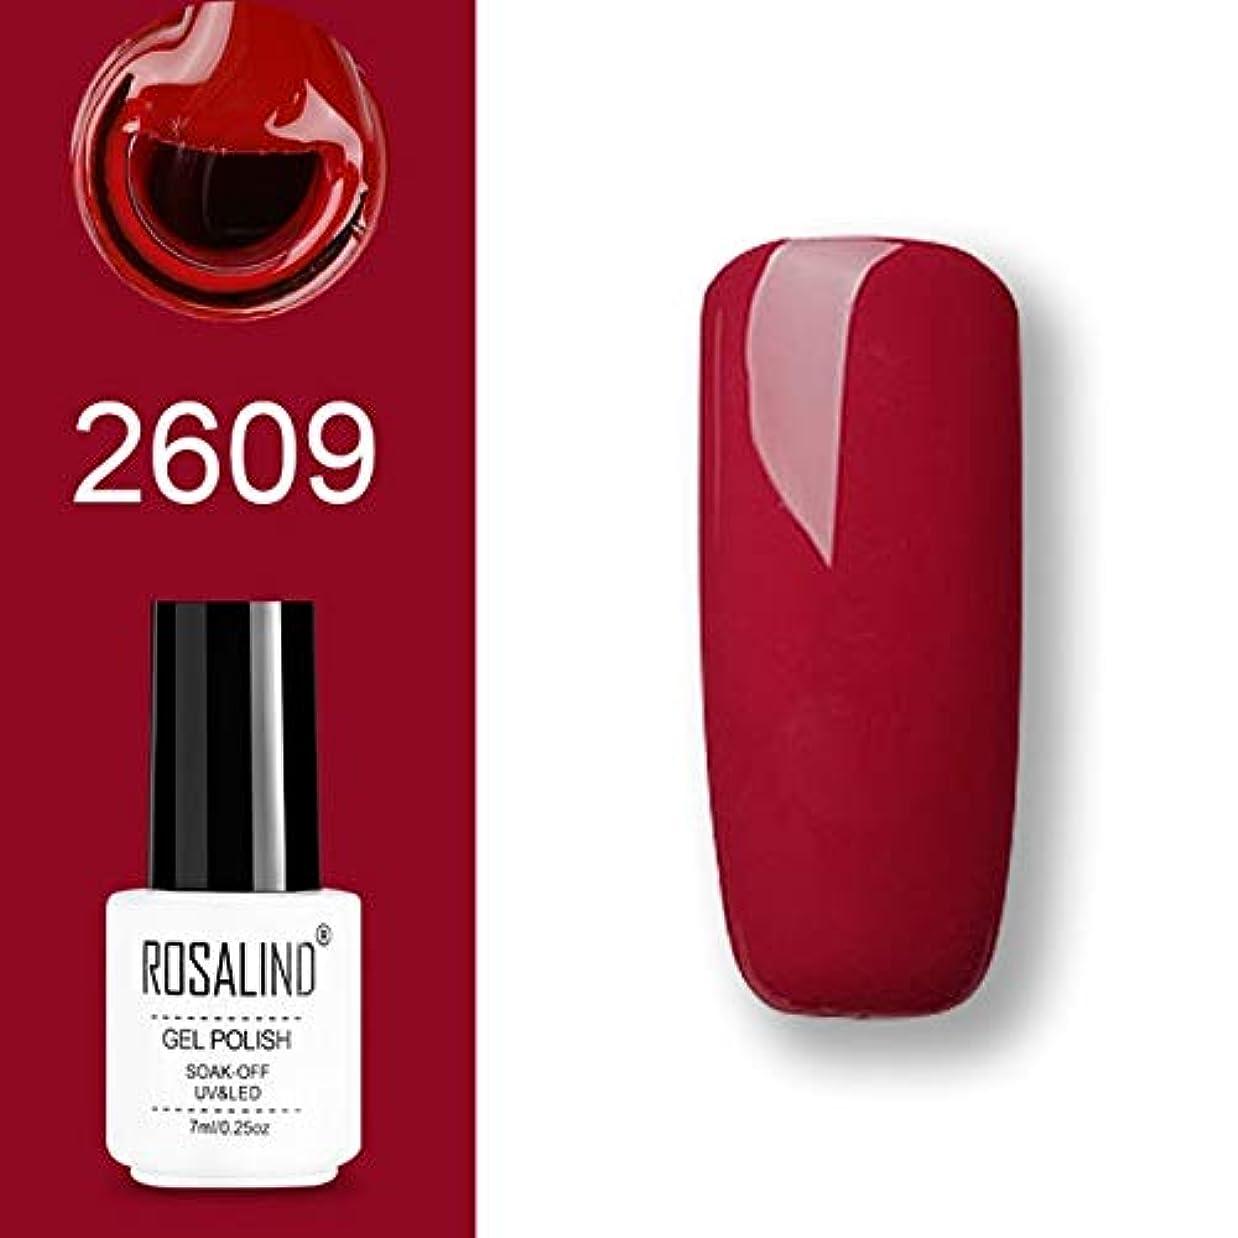 ほうきイチゴ立法ファッションアイテム ROSALINDジェルポリッシュセットUVセミパーマネントプライマートップコートポリジェルニスネイルアートマニキュアジェル、容量:7ml 2609。 環境に優しいマニキュア